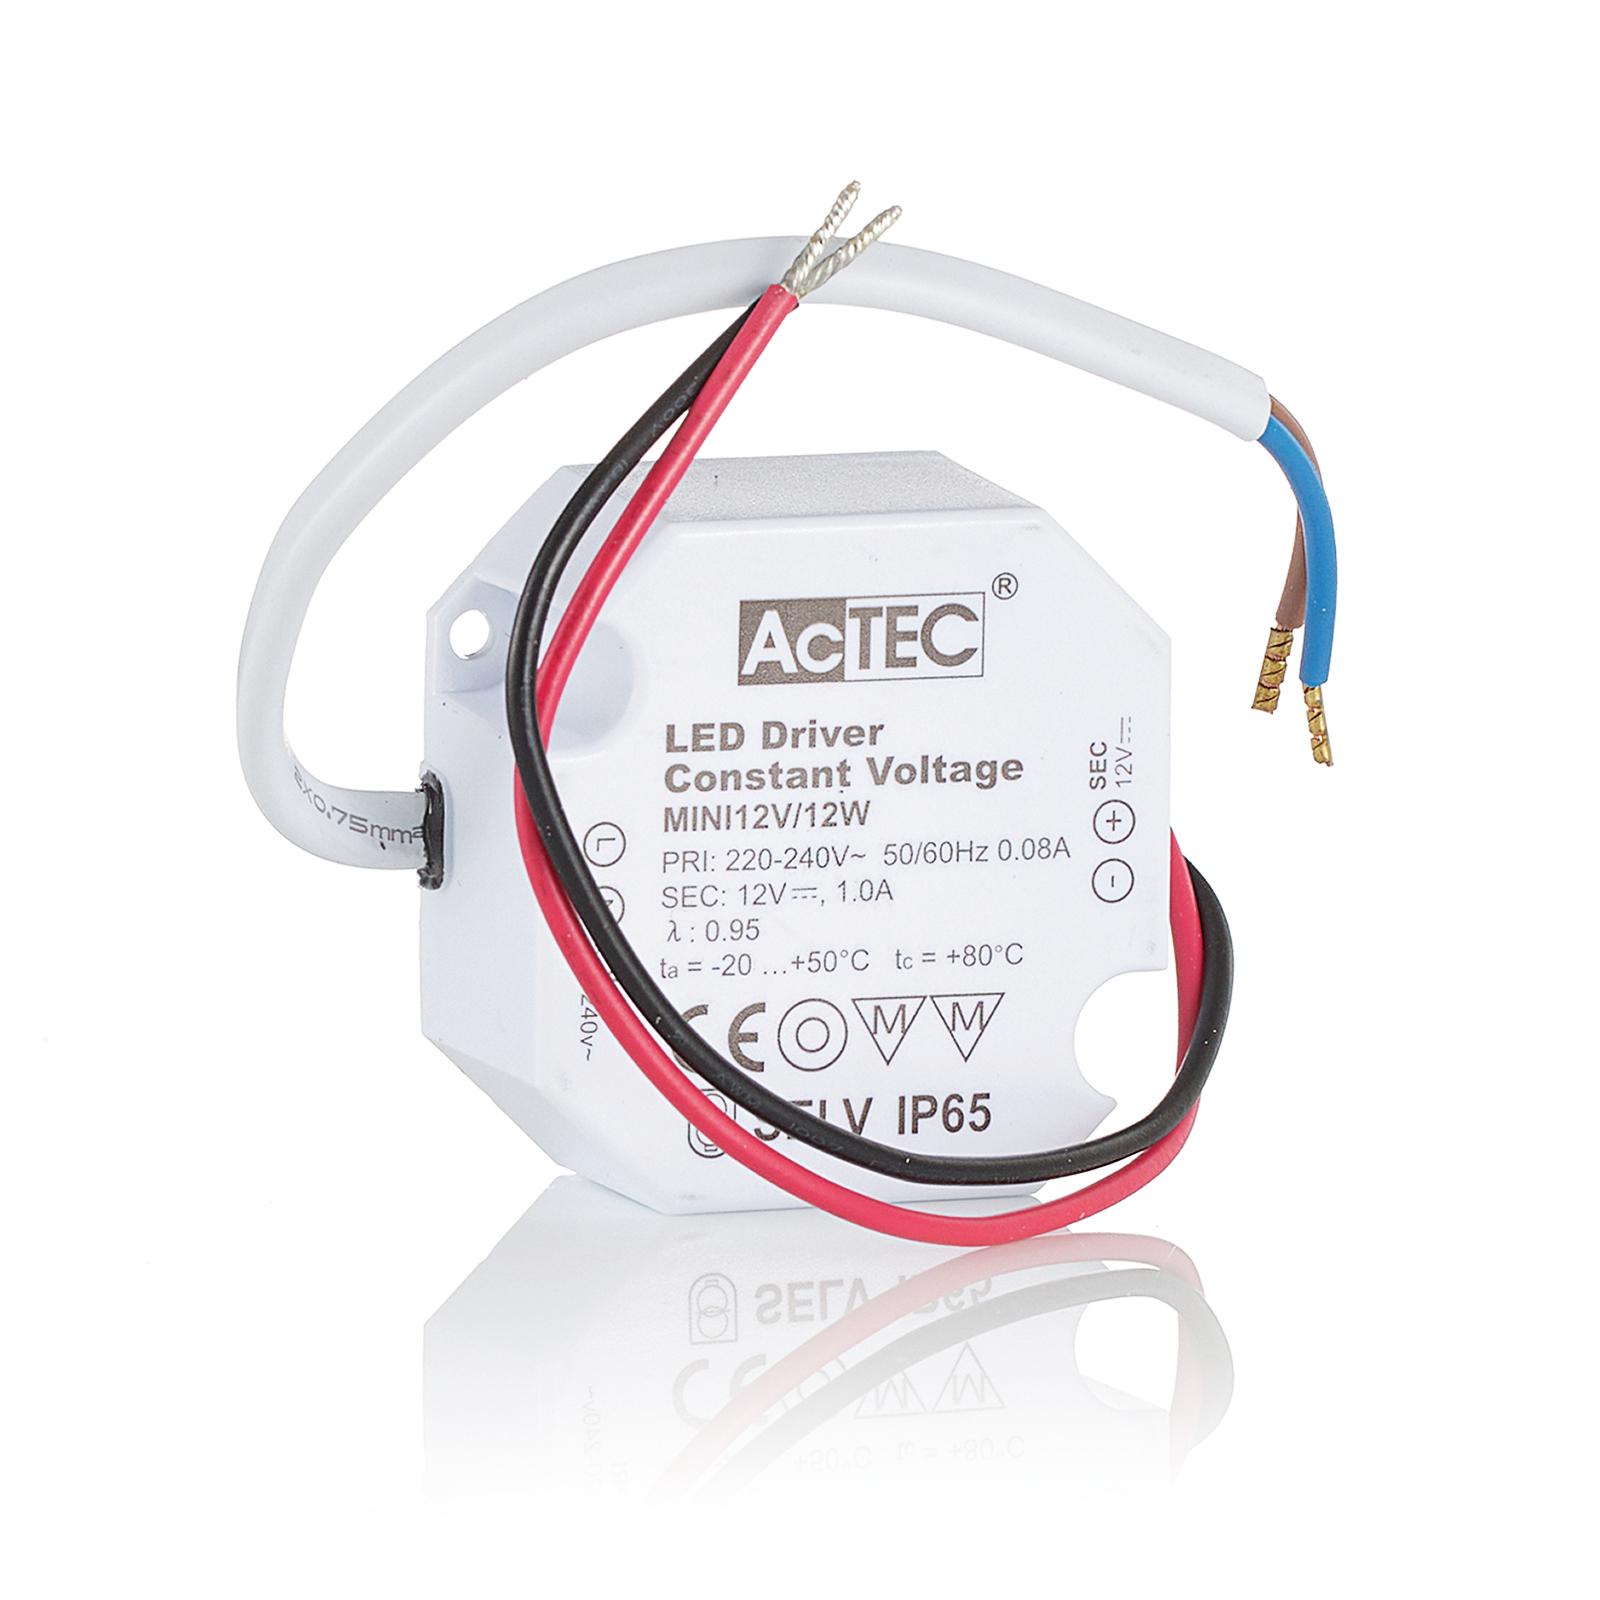 AcTEC Mini sterownik LED CV 12V, 12W, IP65